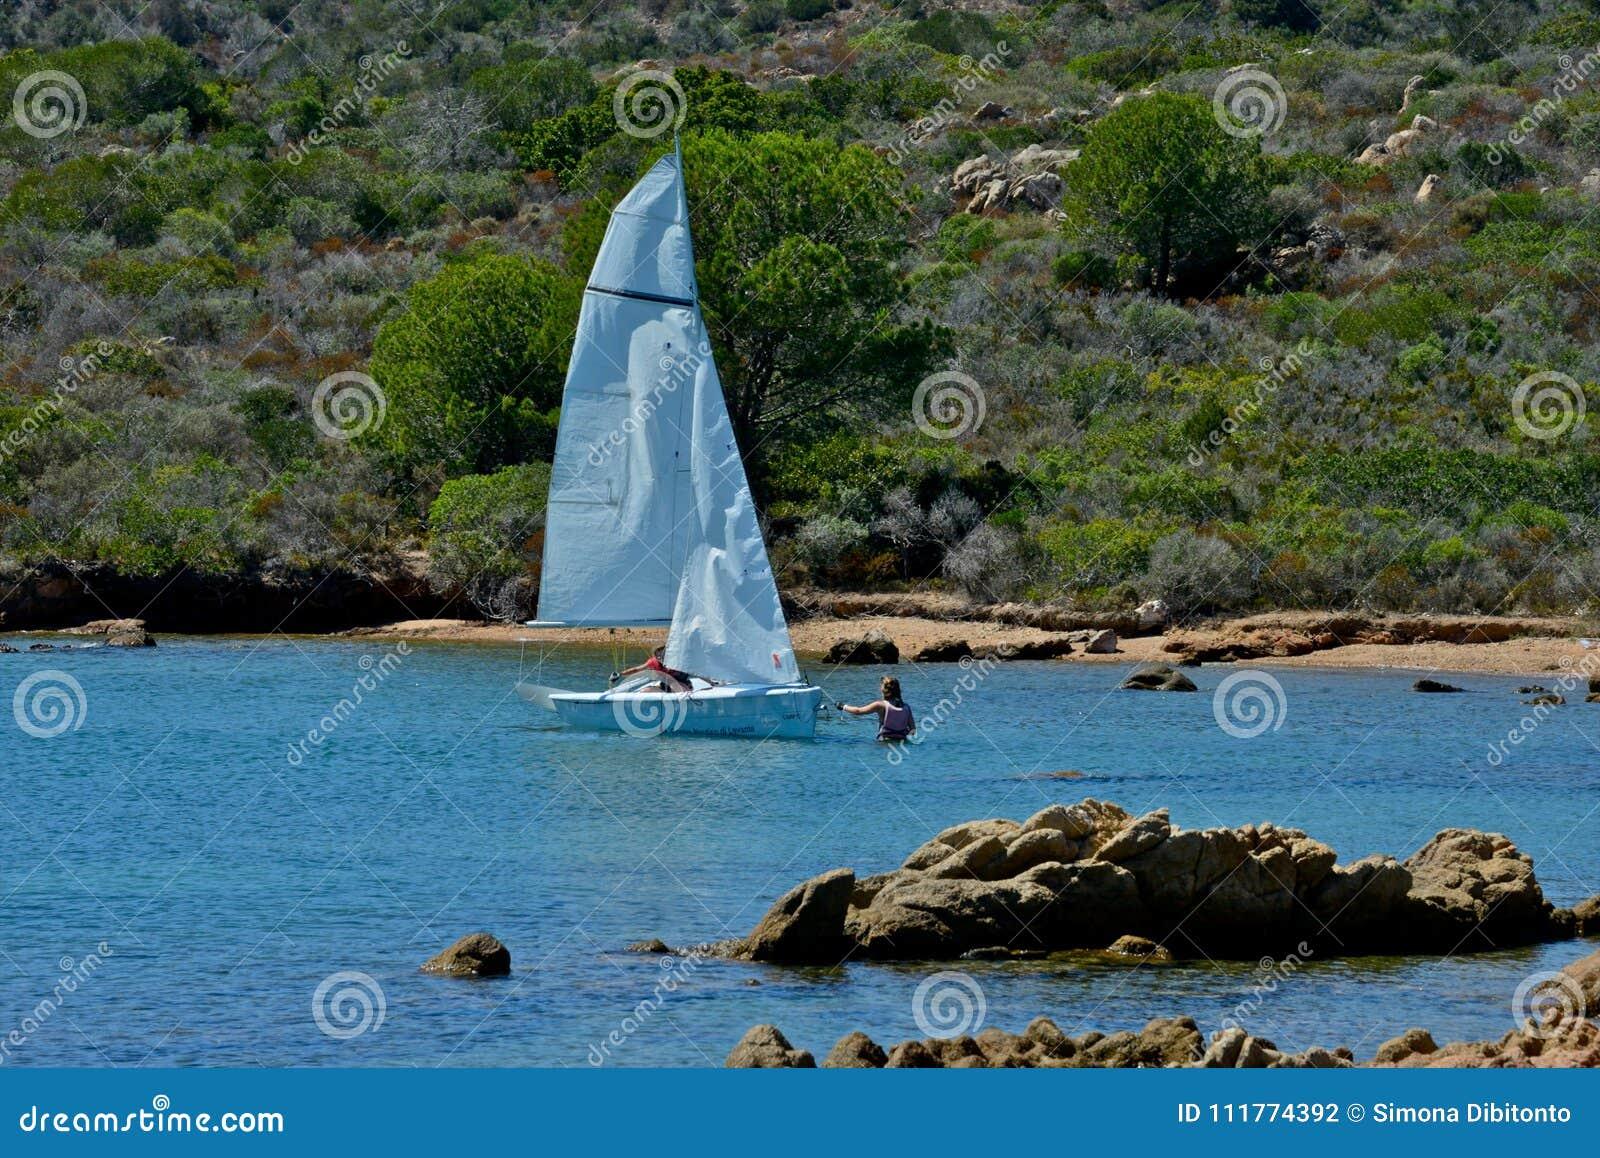 Witte zeilboten met twee mensen die in het blauwe van nature omringde overzees leren te varen